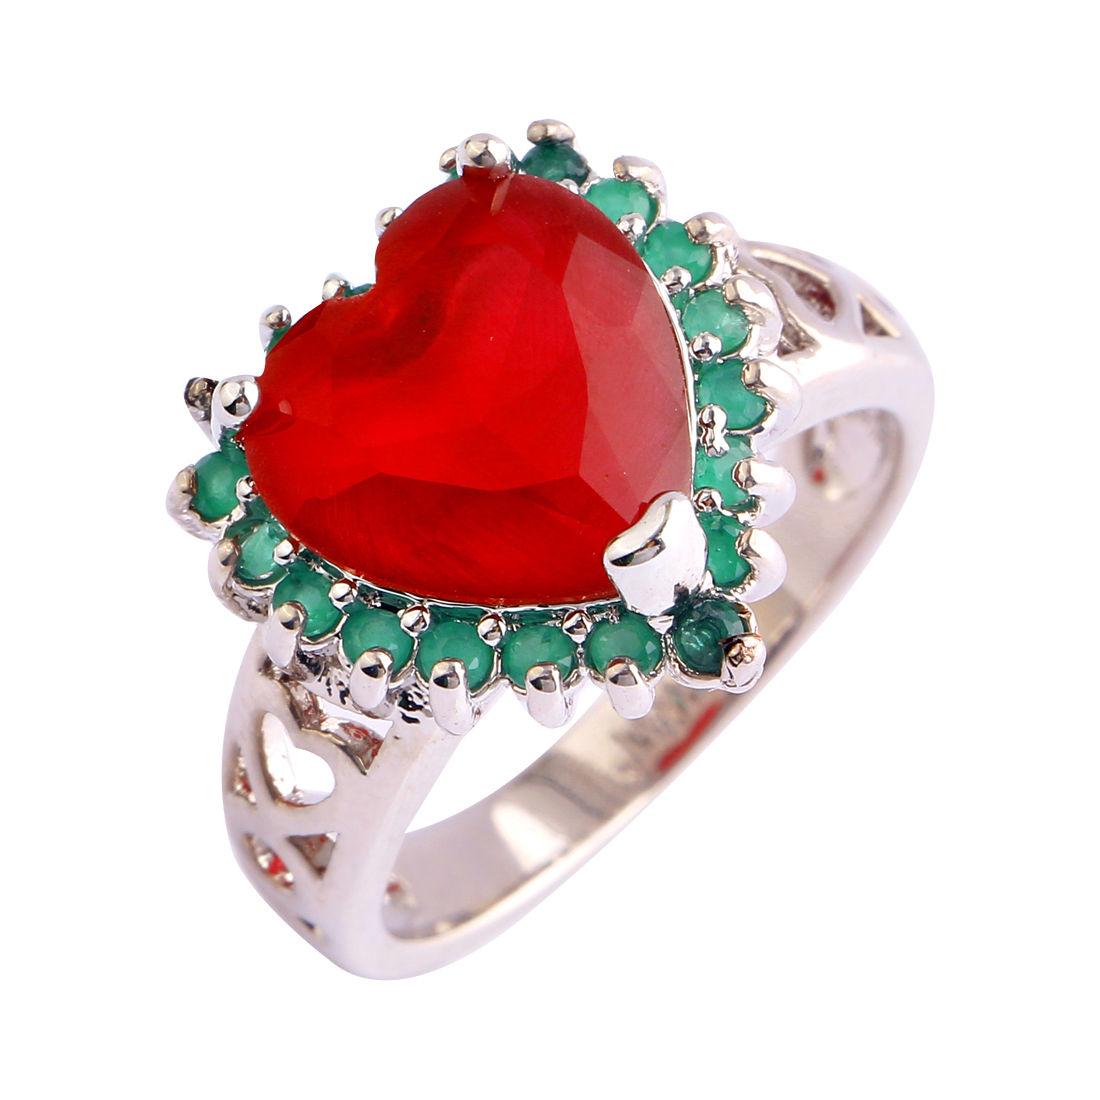 Δαχτυλίδι η καρδιά της αγάπης με ρουμπίνι και σμαράγδια - Alinda ... 1937b9b7c60